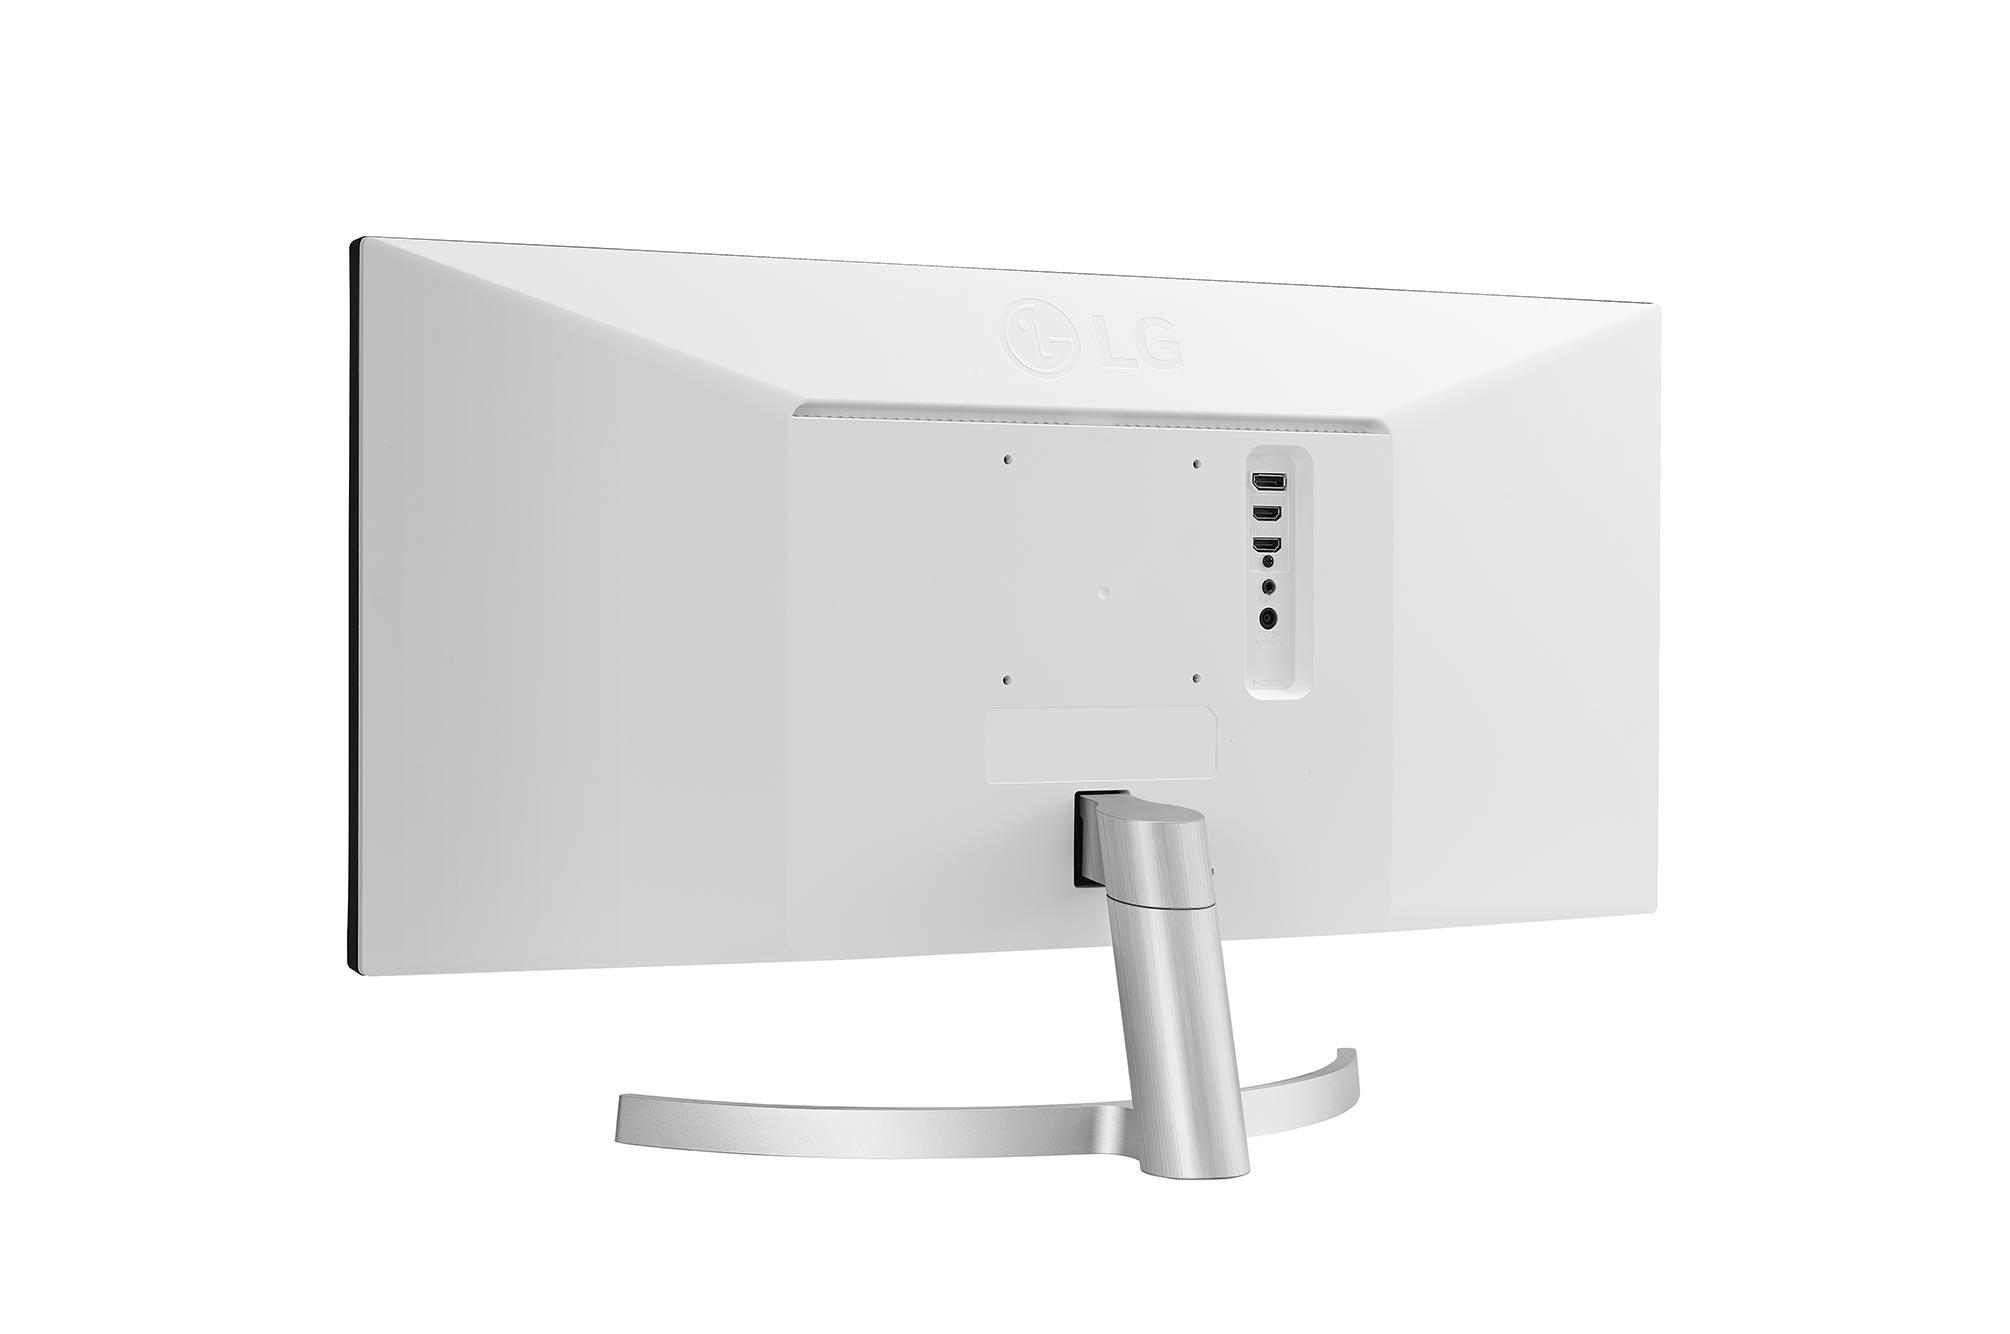 מסך מחשב מקצועי 29 אינטש LG 29WN600W אל ג'י - תמונה 7